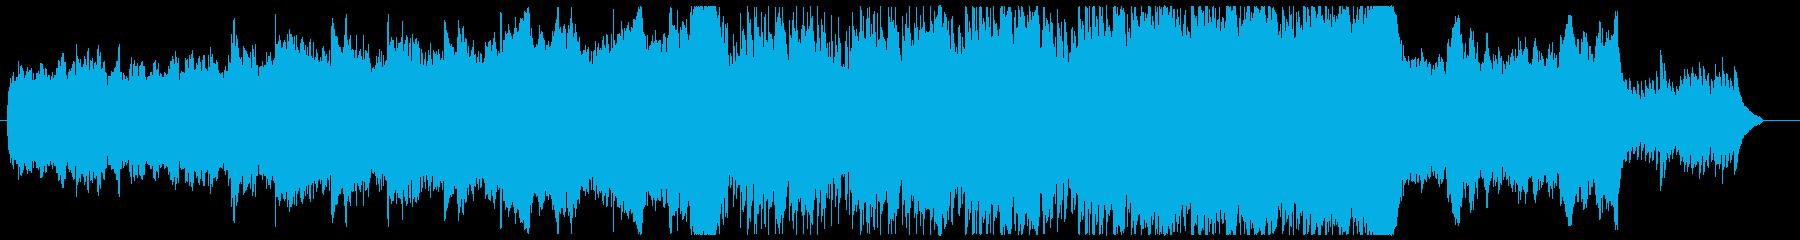 壮大なイメージのBGMの再生済みの波形